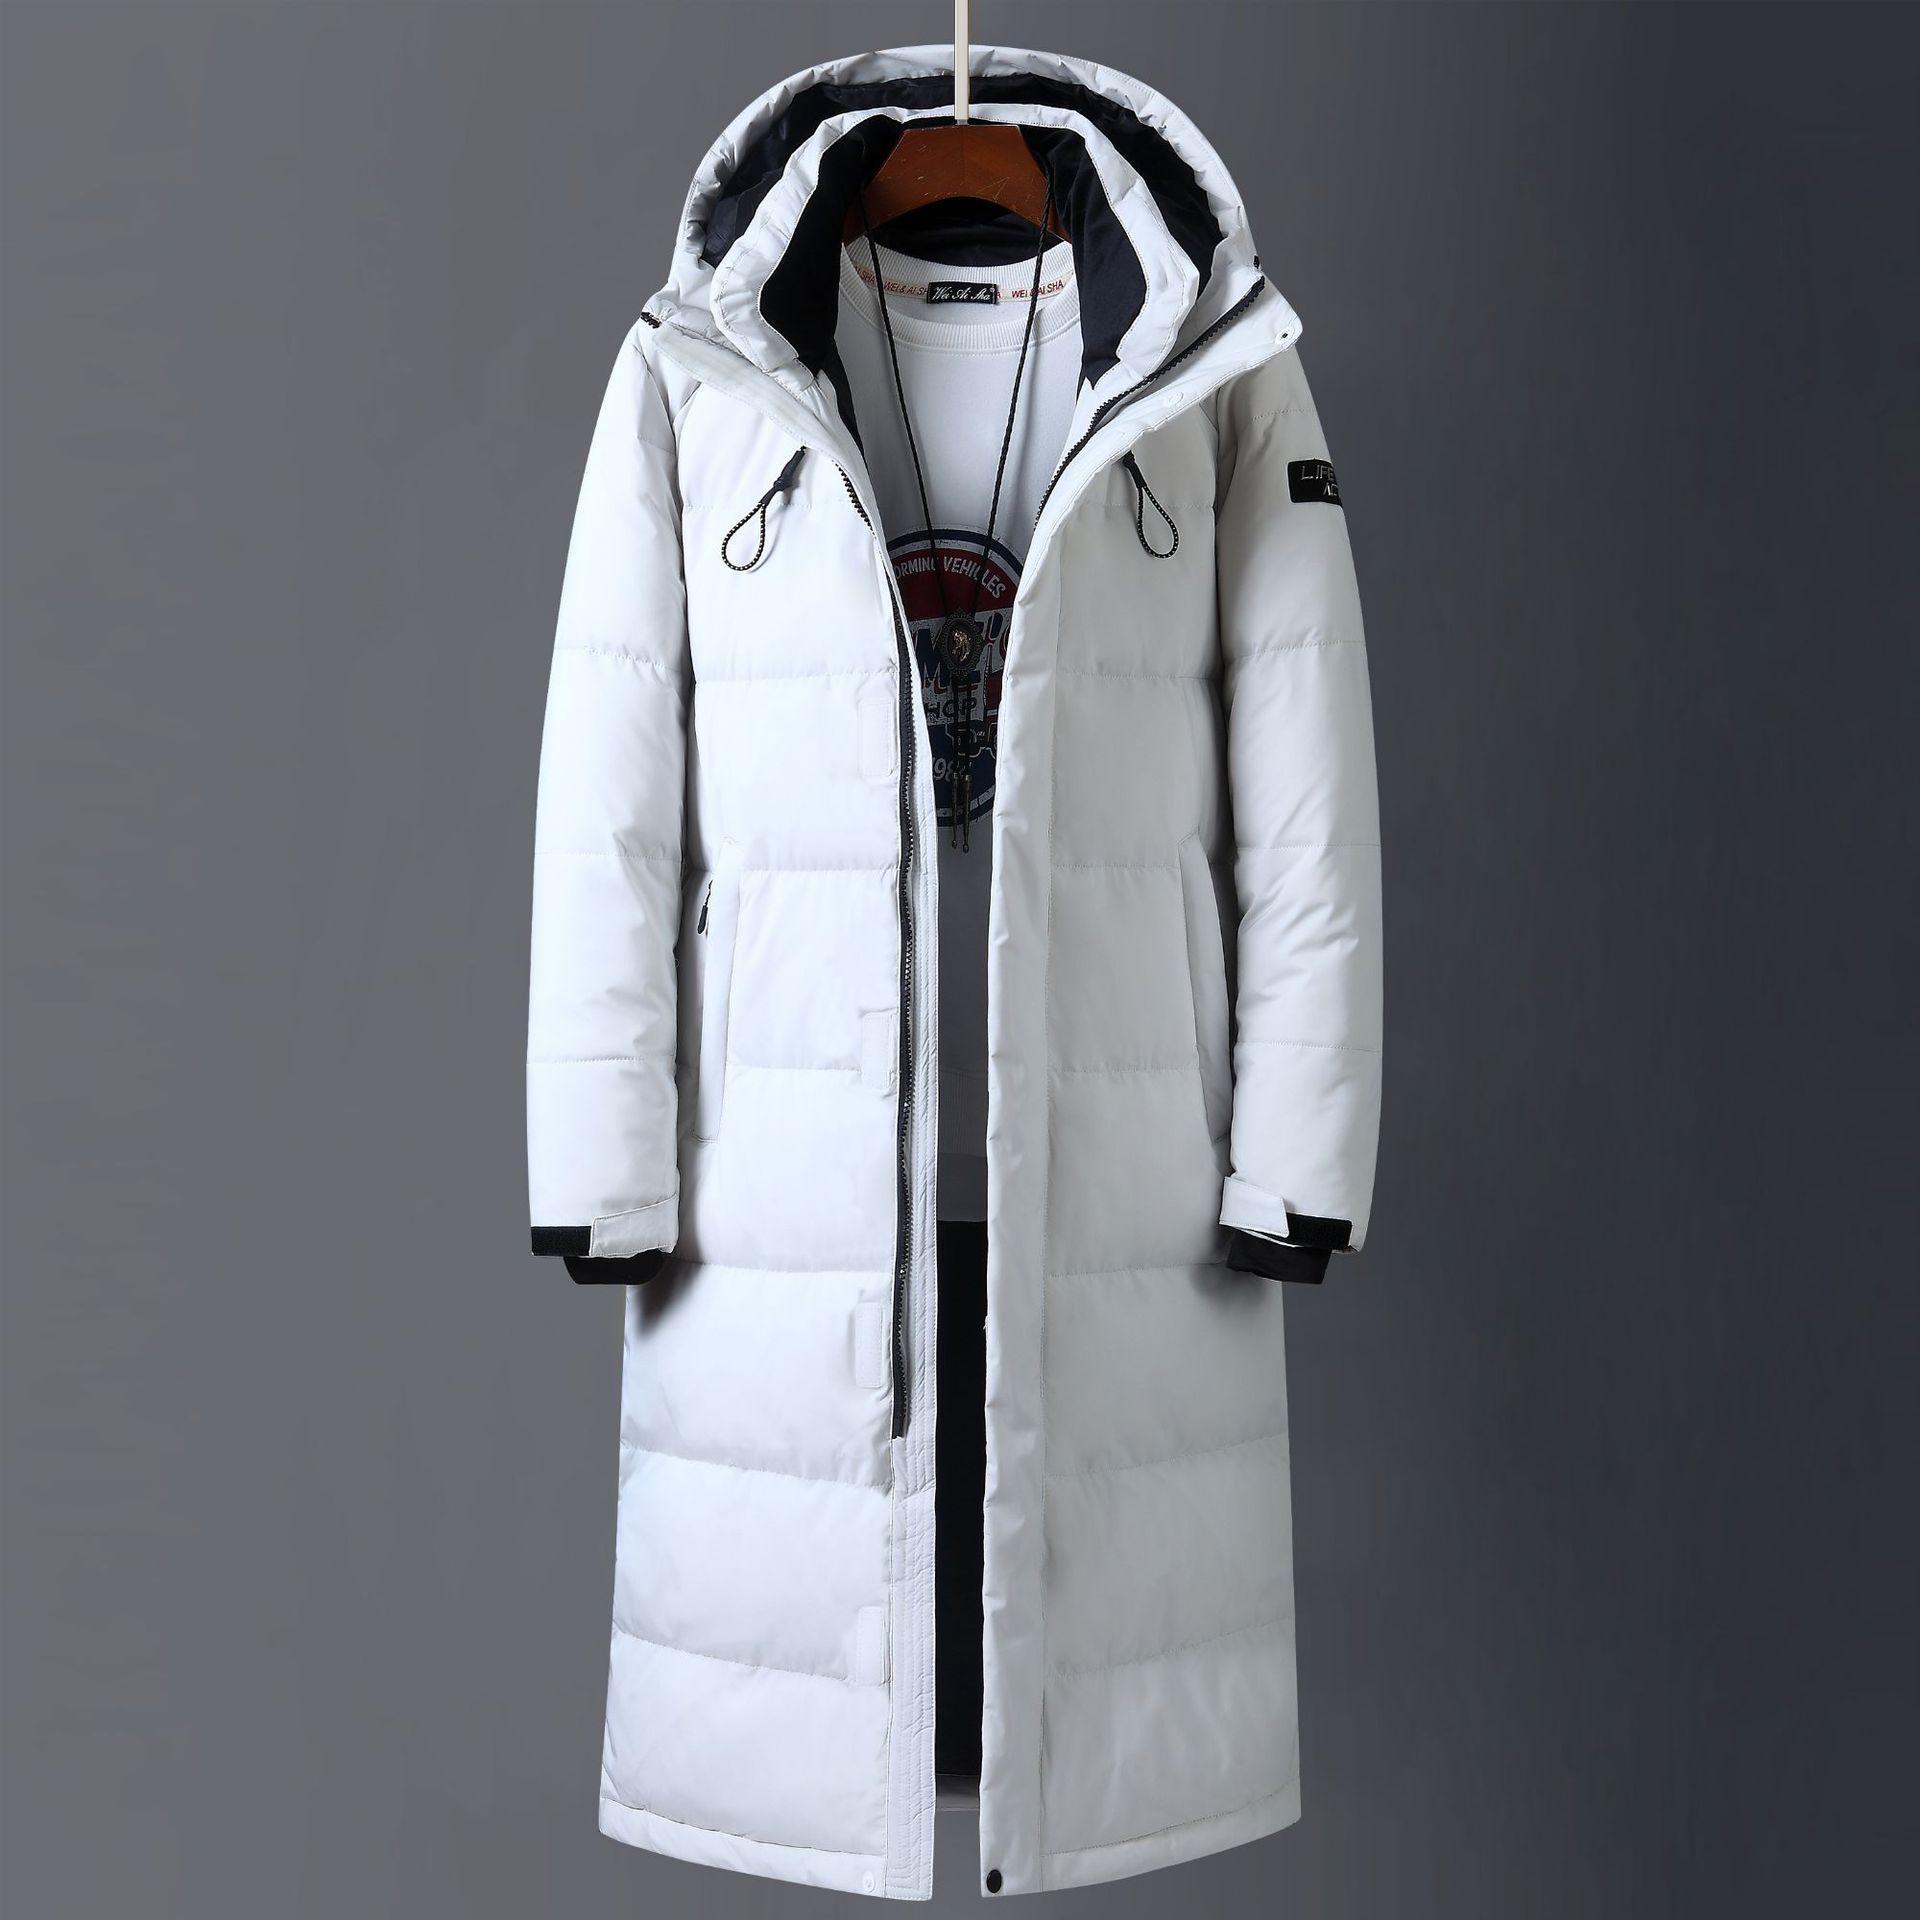 2019 nuovi uomini Inverno Down Jacket di alta qualità X-Long spessore caldo cappotto di modo Trens Rosso Giallo Nero Youth Parkas 3XL